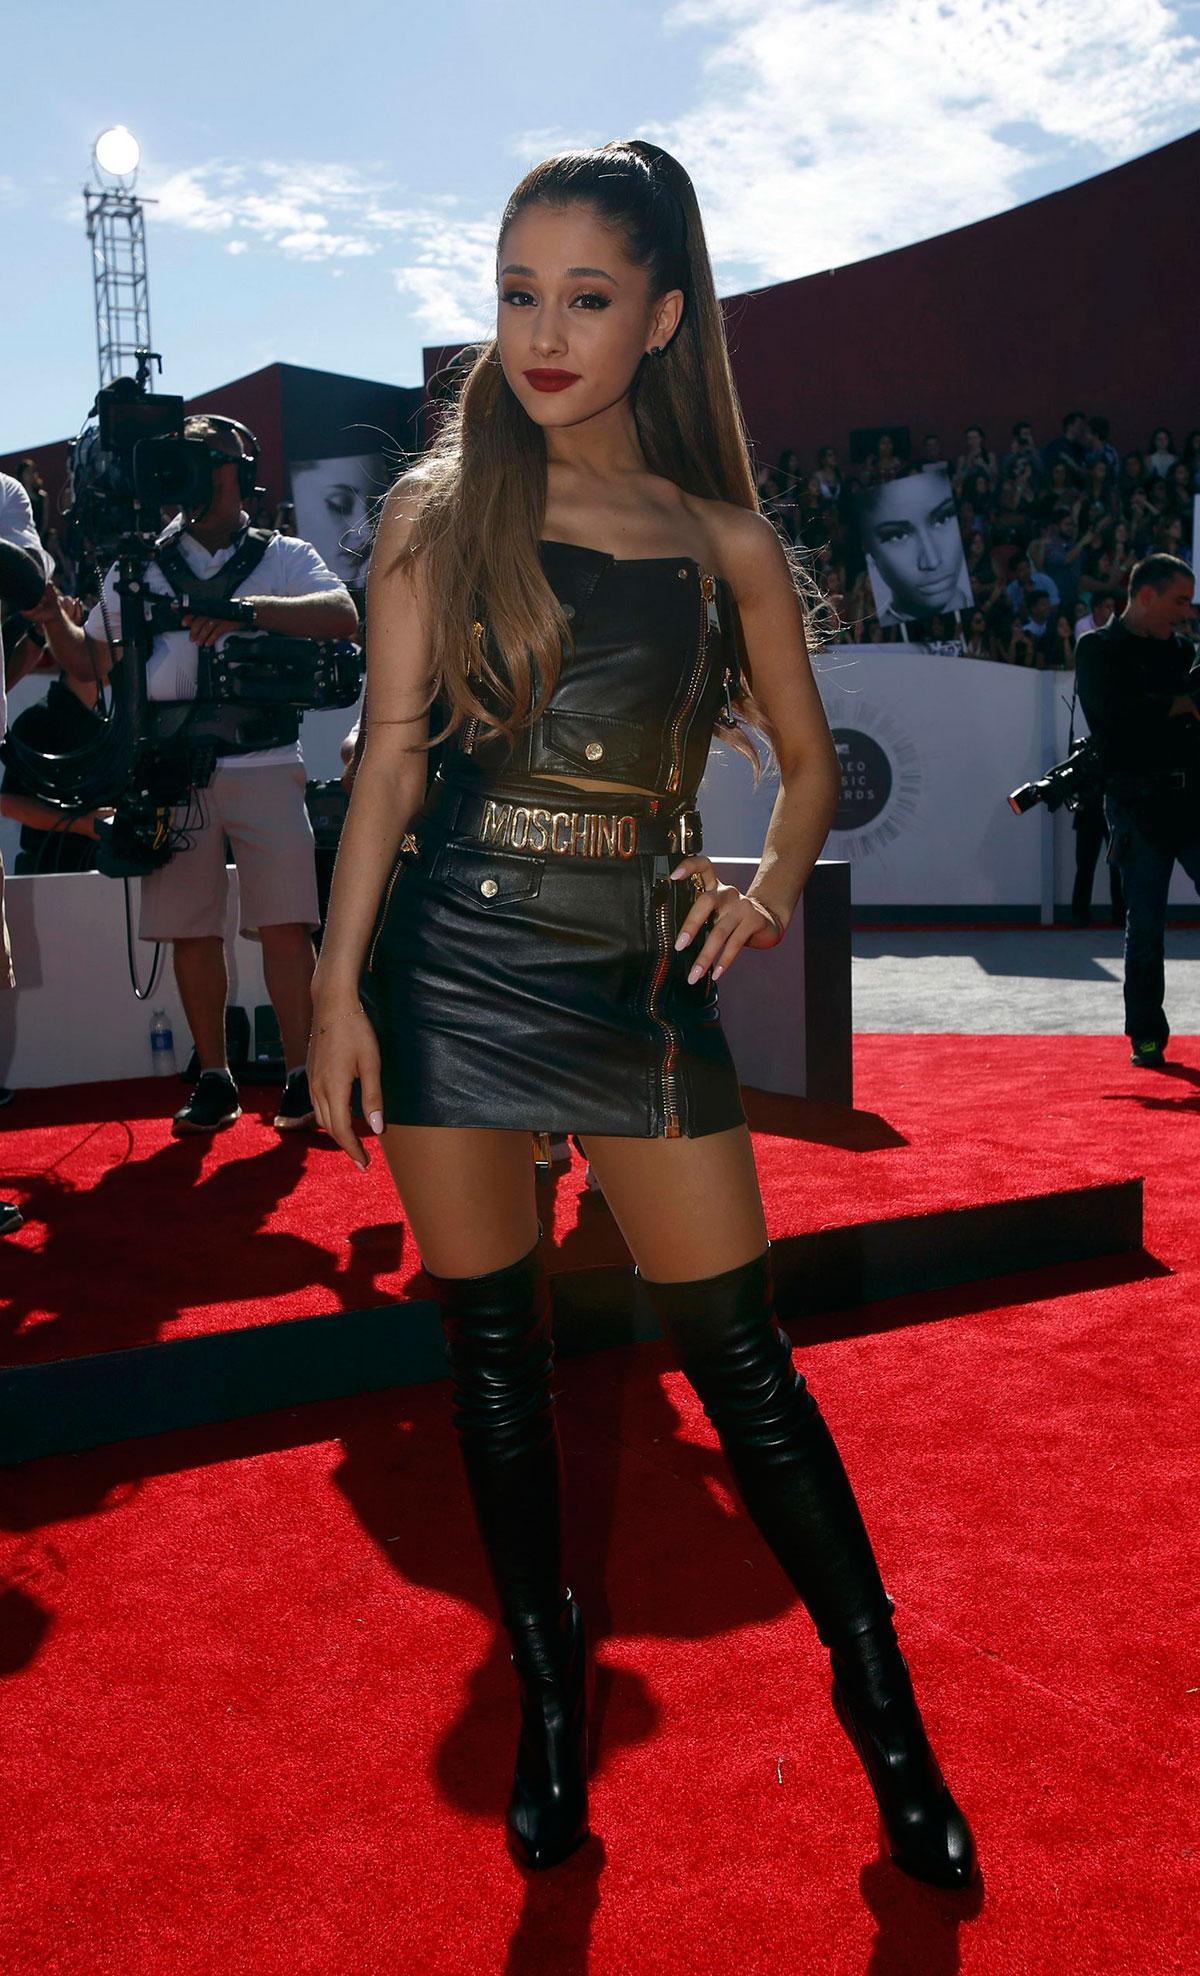 Ariana Grande attends 2014 MTV Video Music Awards